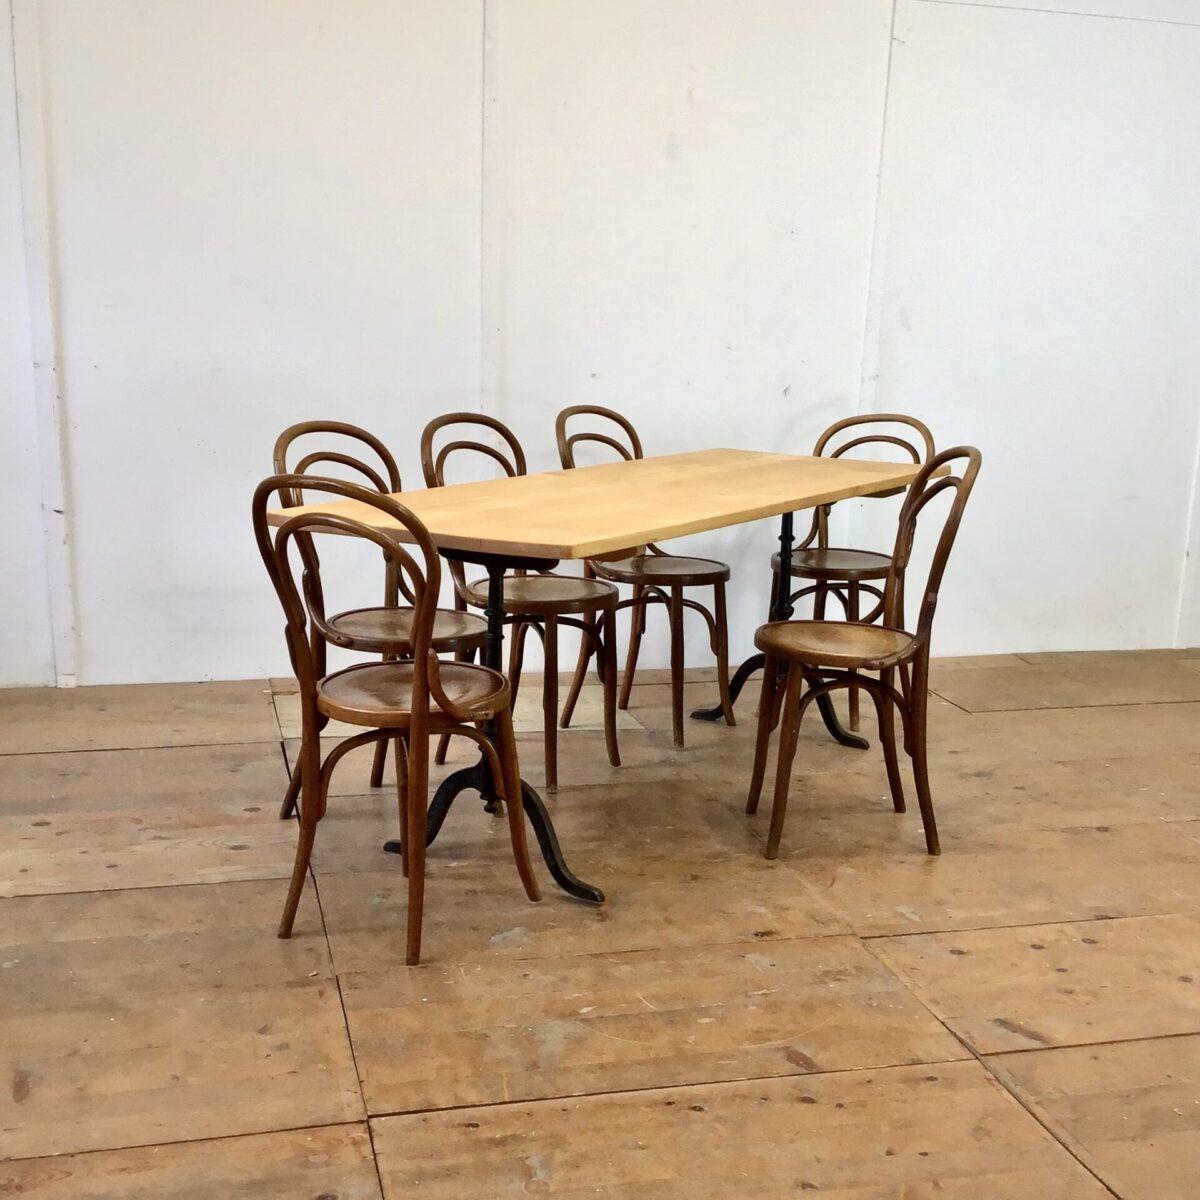 Deuxieme.shop Beizentisch massivholz Tisch Esszimmer Tisch Restauranttisch. Schlichter heller Beizentisch aus Ahorn Holz. 195x72cm Höhe 76cm. Alter Wirtshaustisch geschliffen und mit Naturöl behandelt. Mit geschwungenen Gussfüssen, es können auch andere Gusseisenfüsse ausgewählt werden.